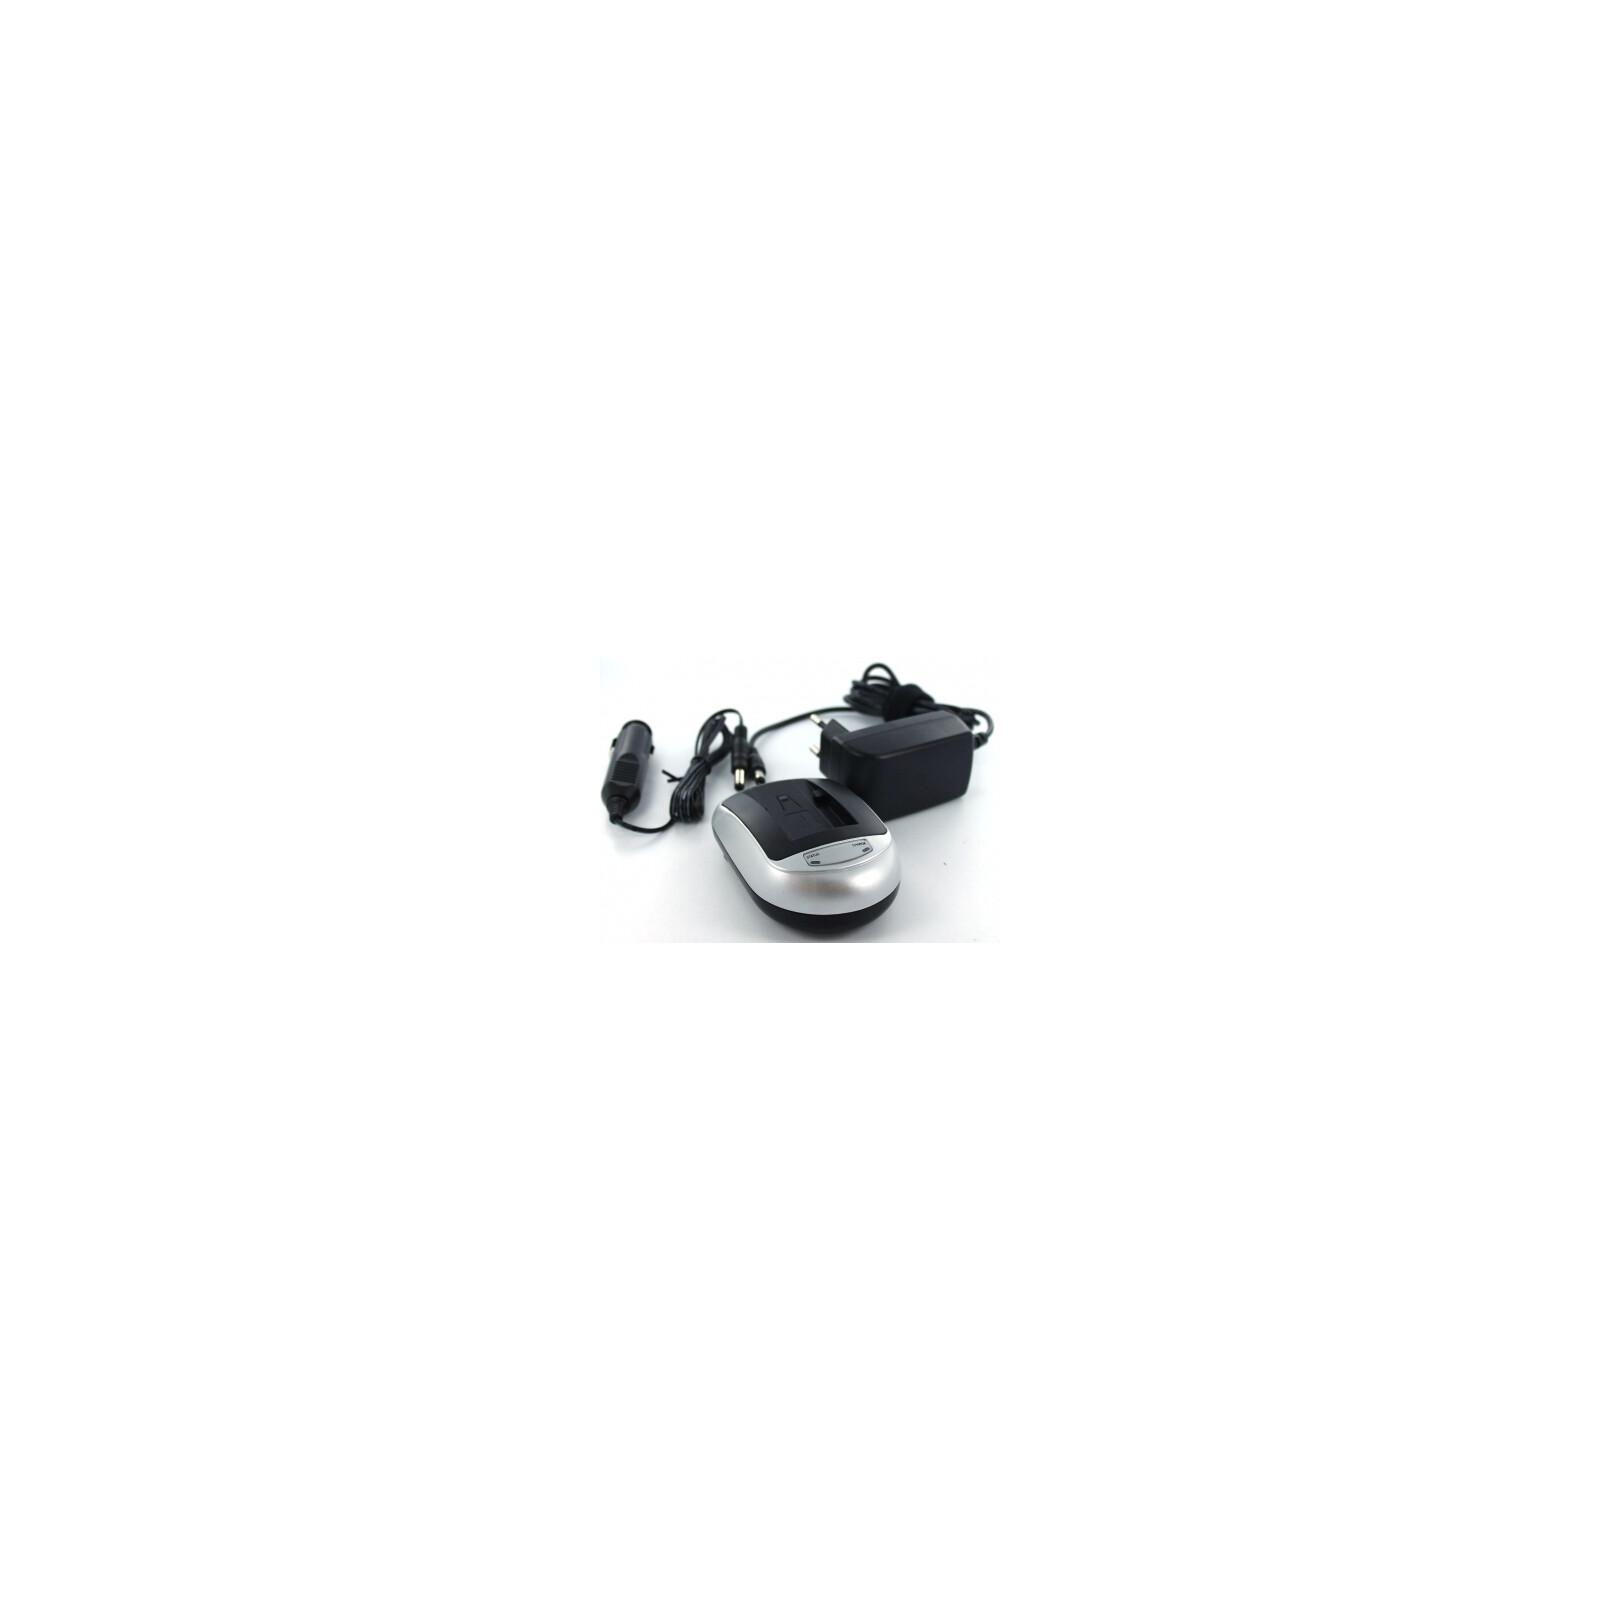 AGI 71989 Ladegerät Sony DCR-HC27E